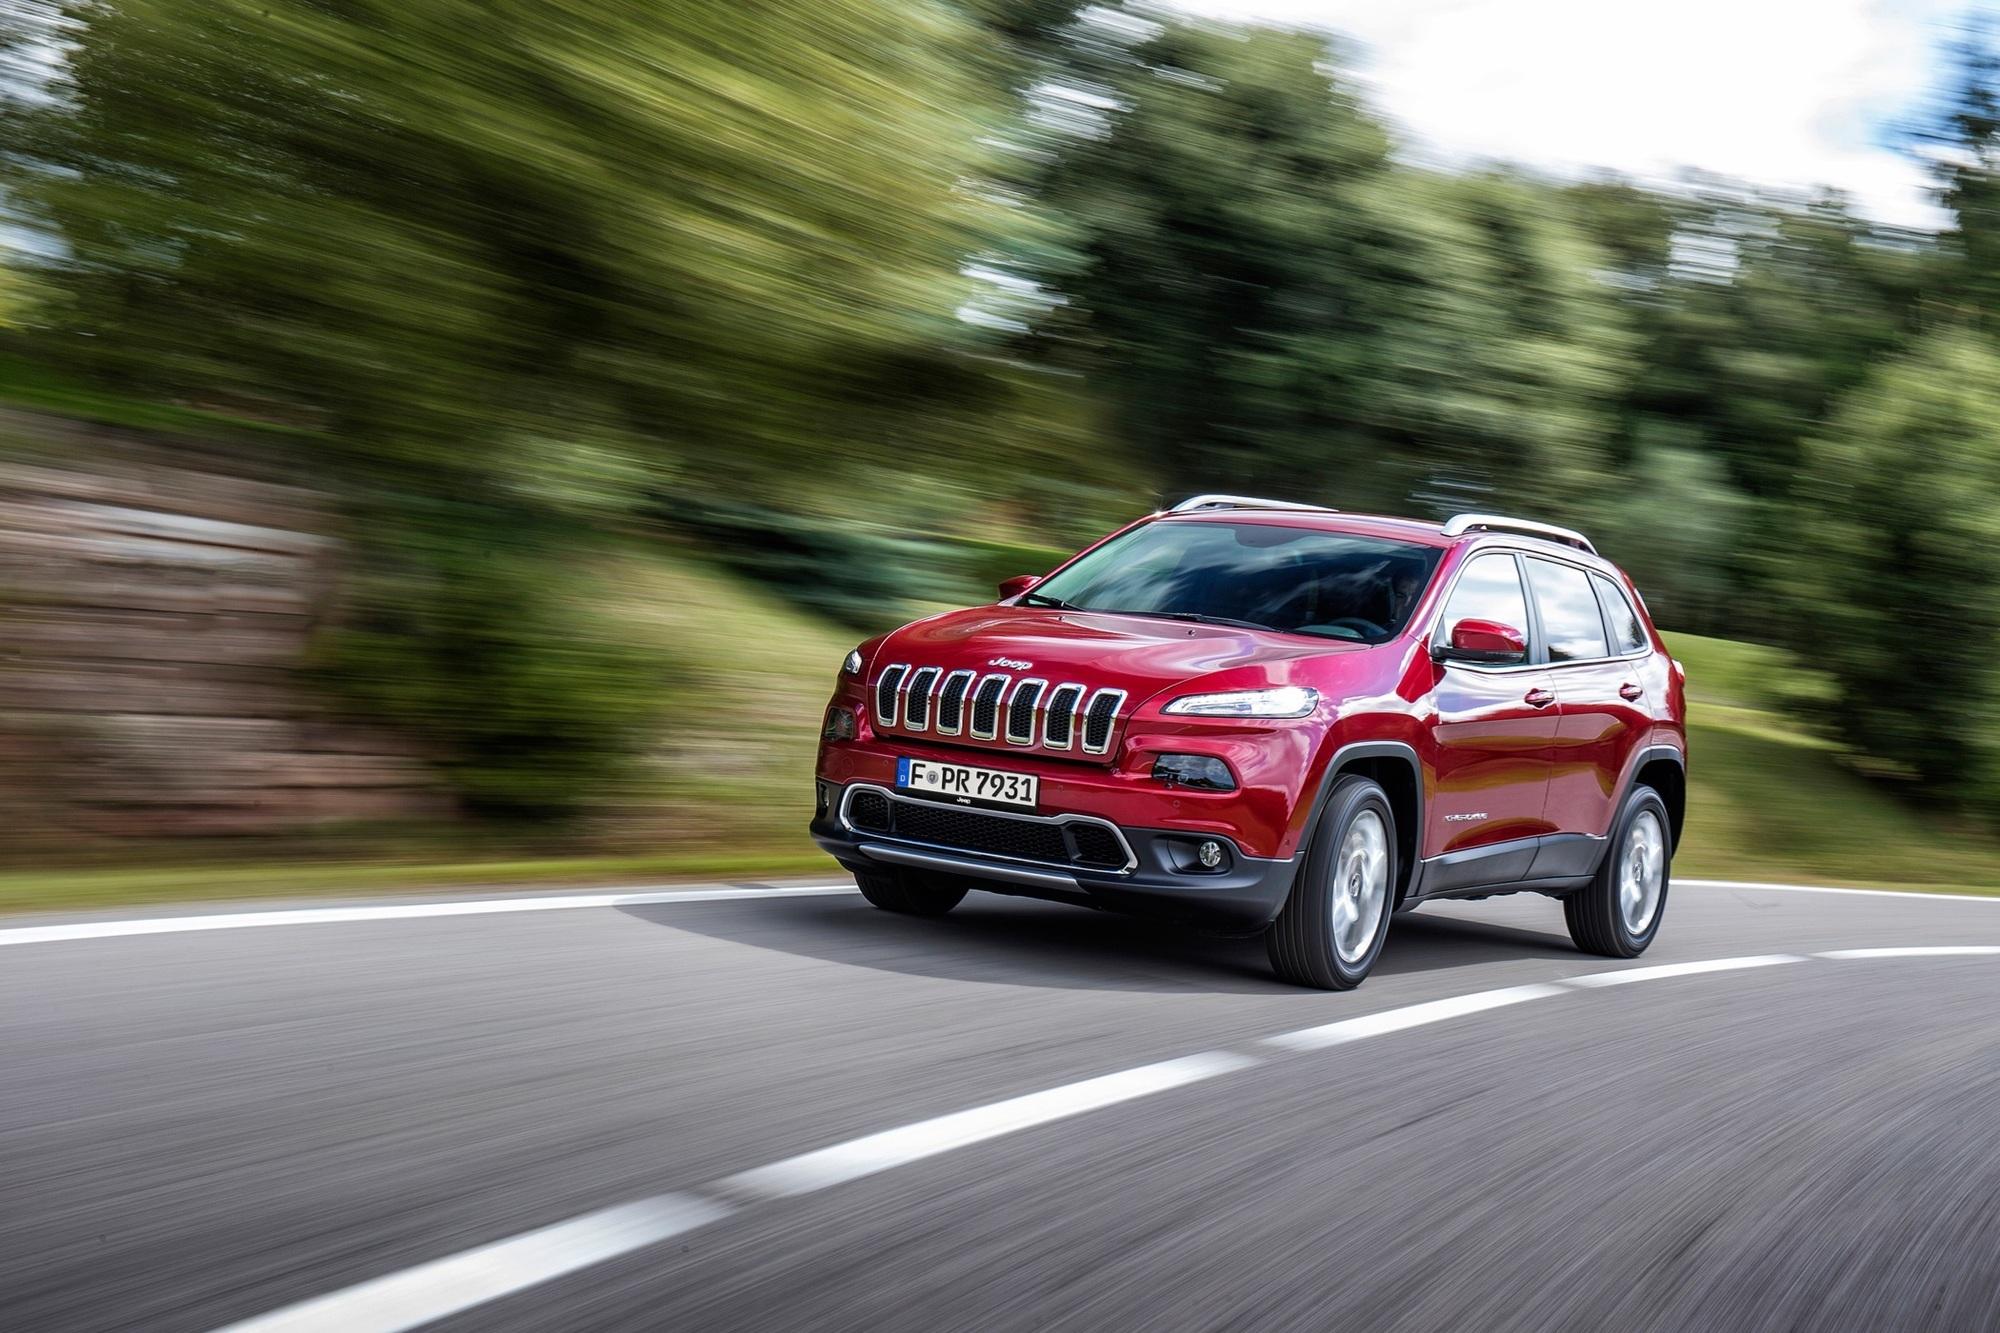 Test: Jeep Cherokee - Schräg, aber gut